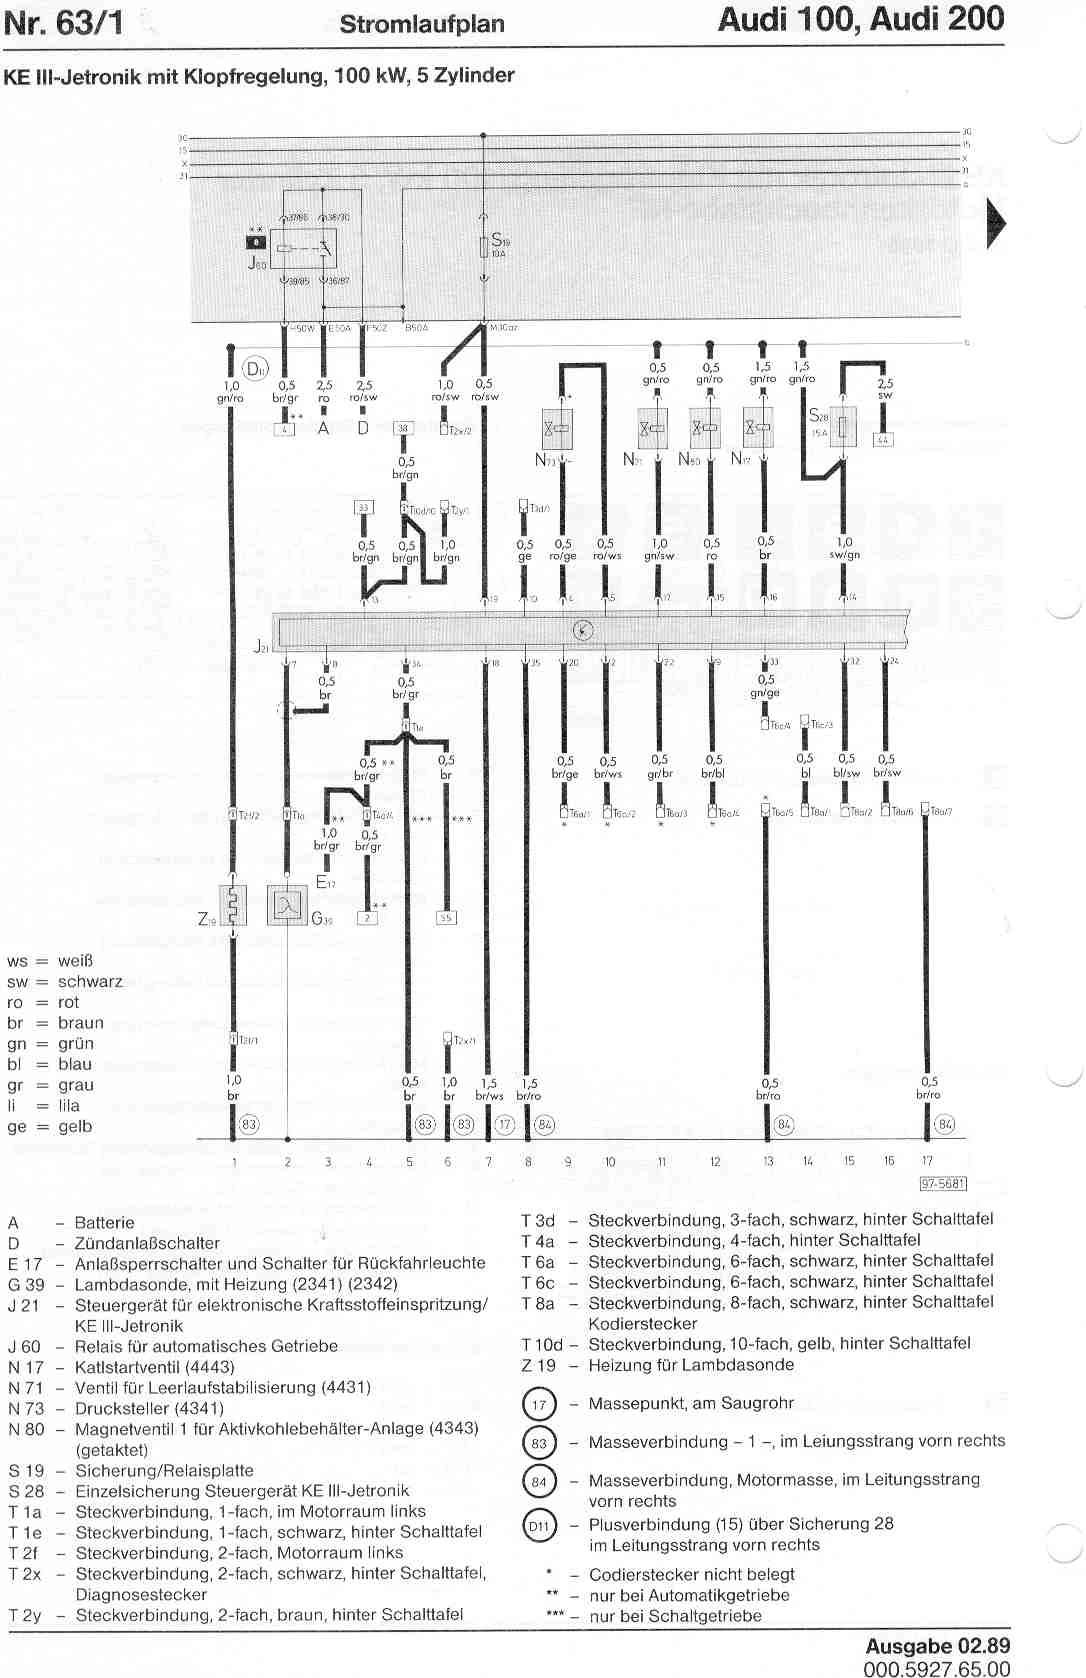 1998 audi a4 radio wiring diagram 2008 a8 42 tdi quattro